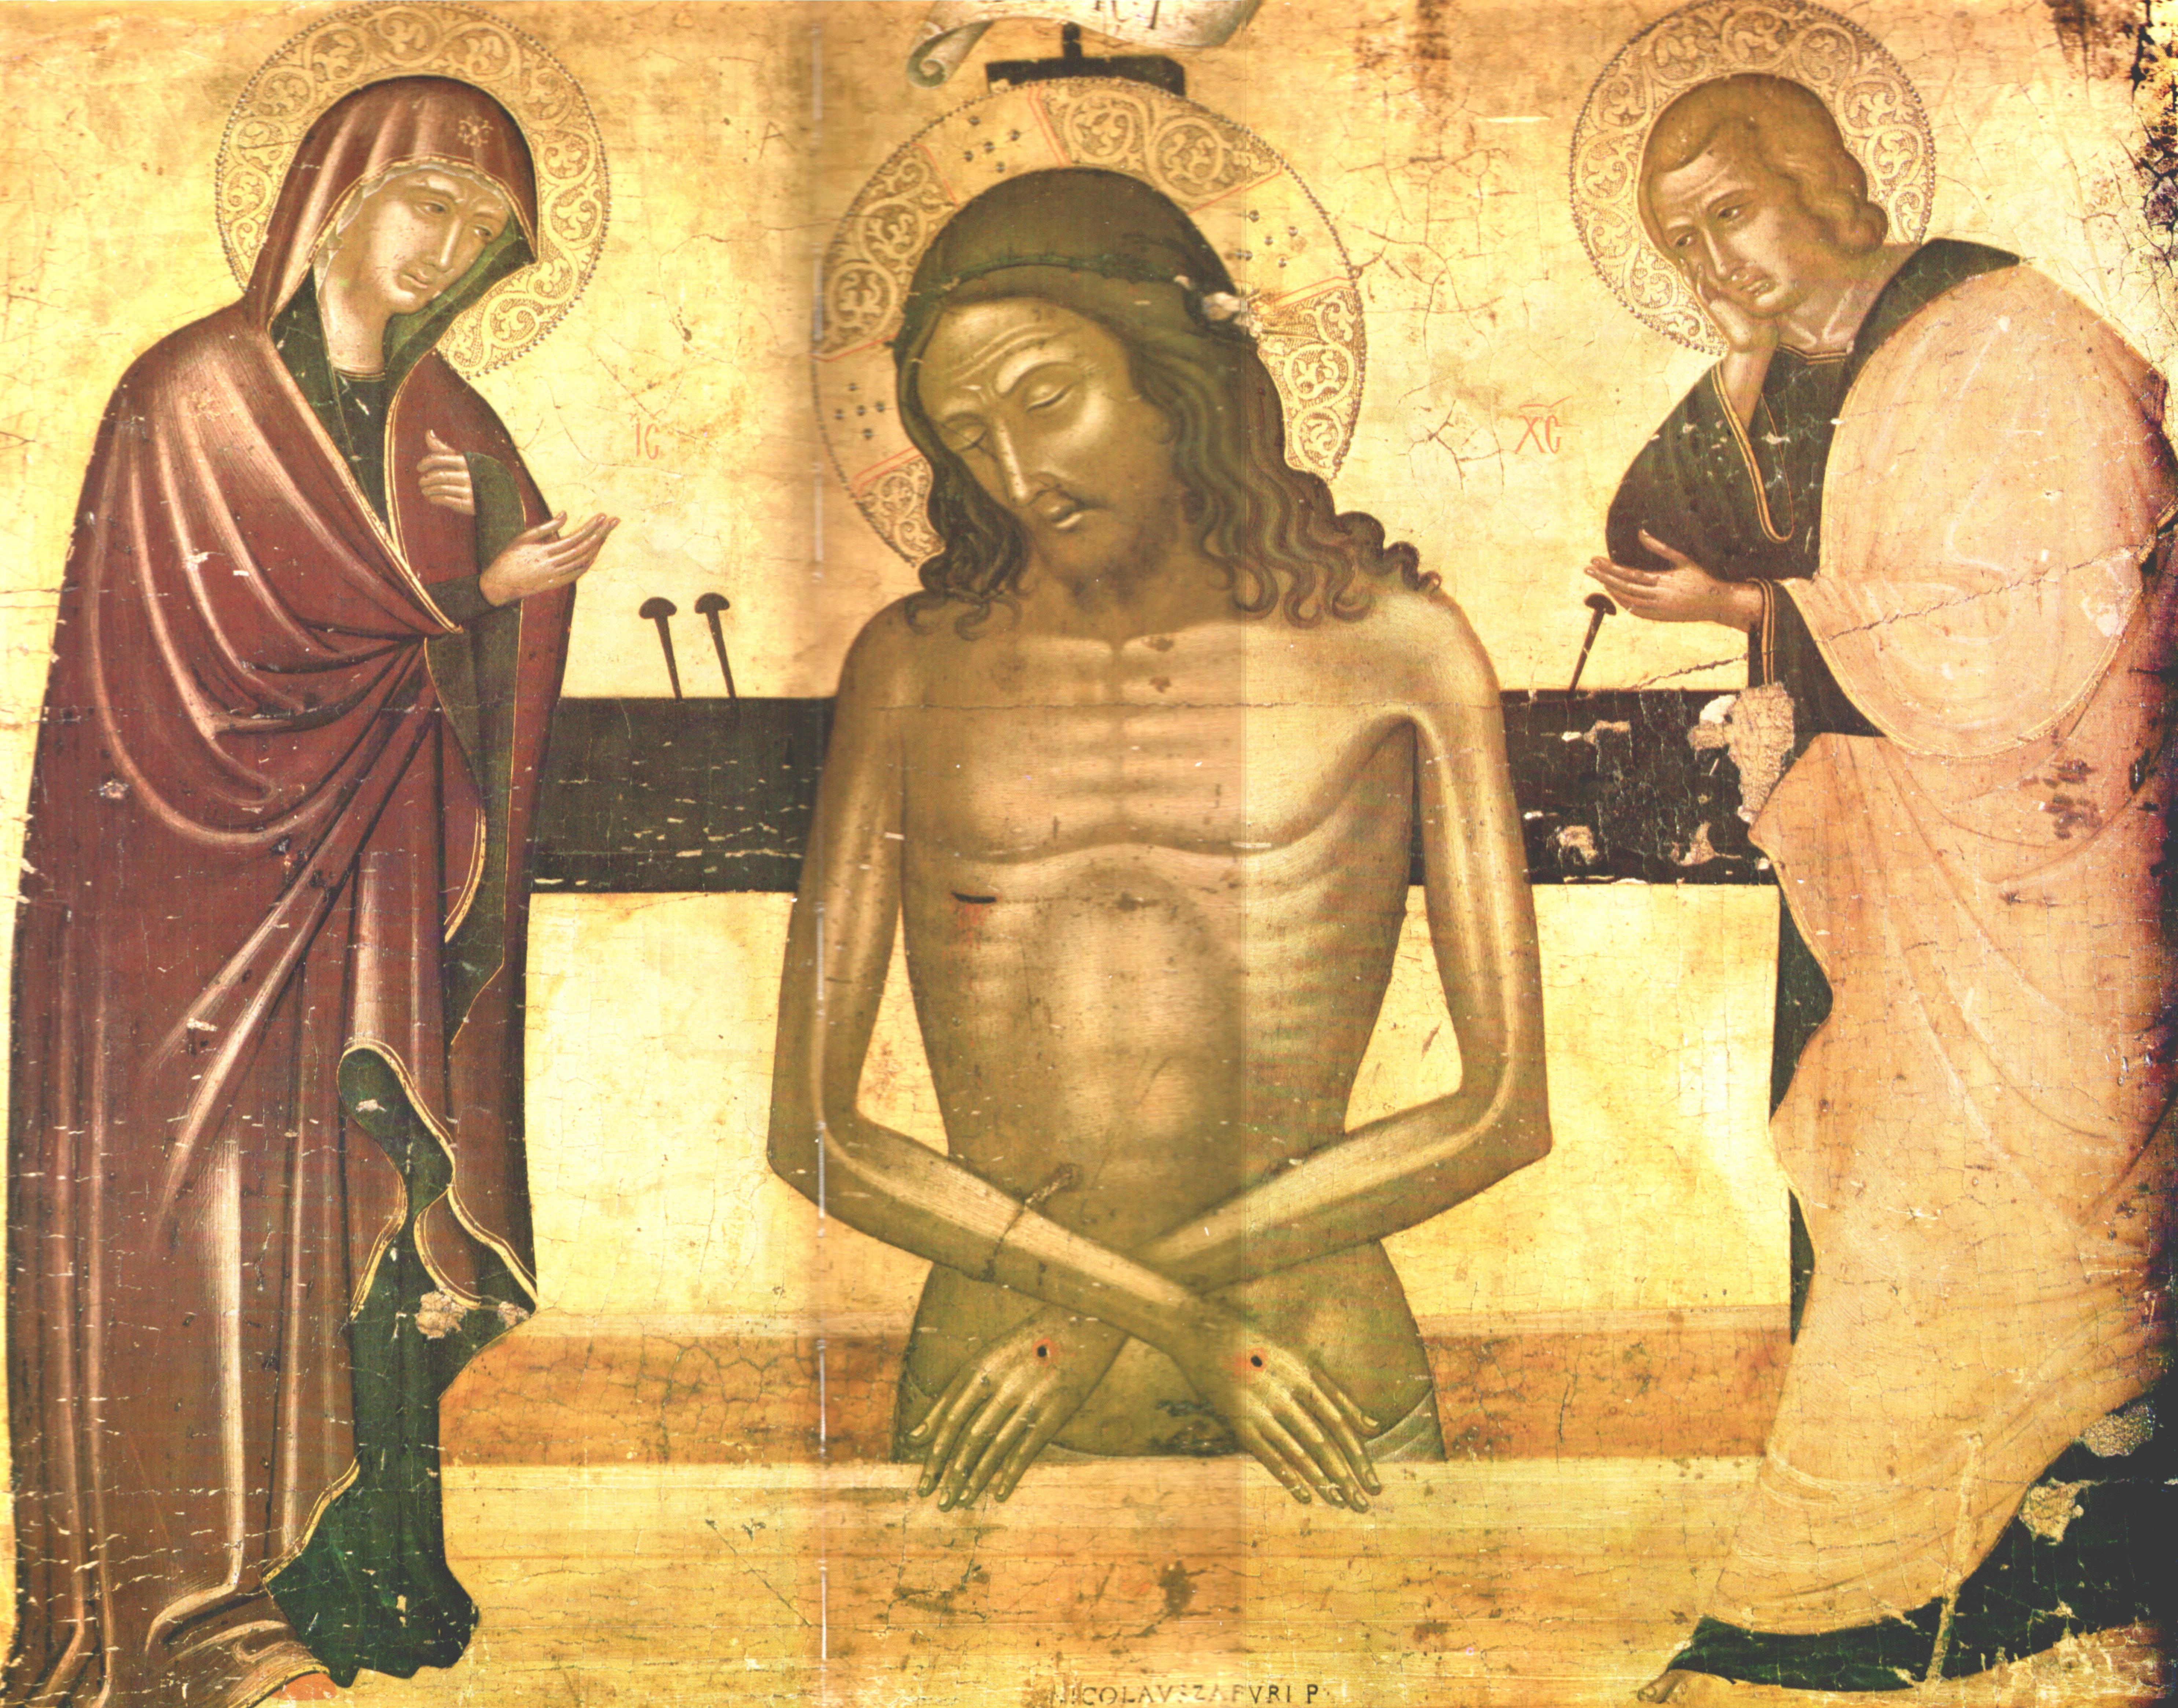 081 1500 le christ de la passion entre la vierge et saint jean d trempe. Black Bedroom Furniture Sets. Home Design Ideas